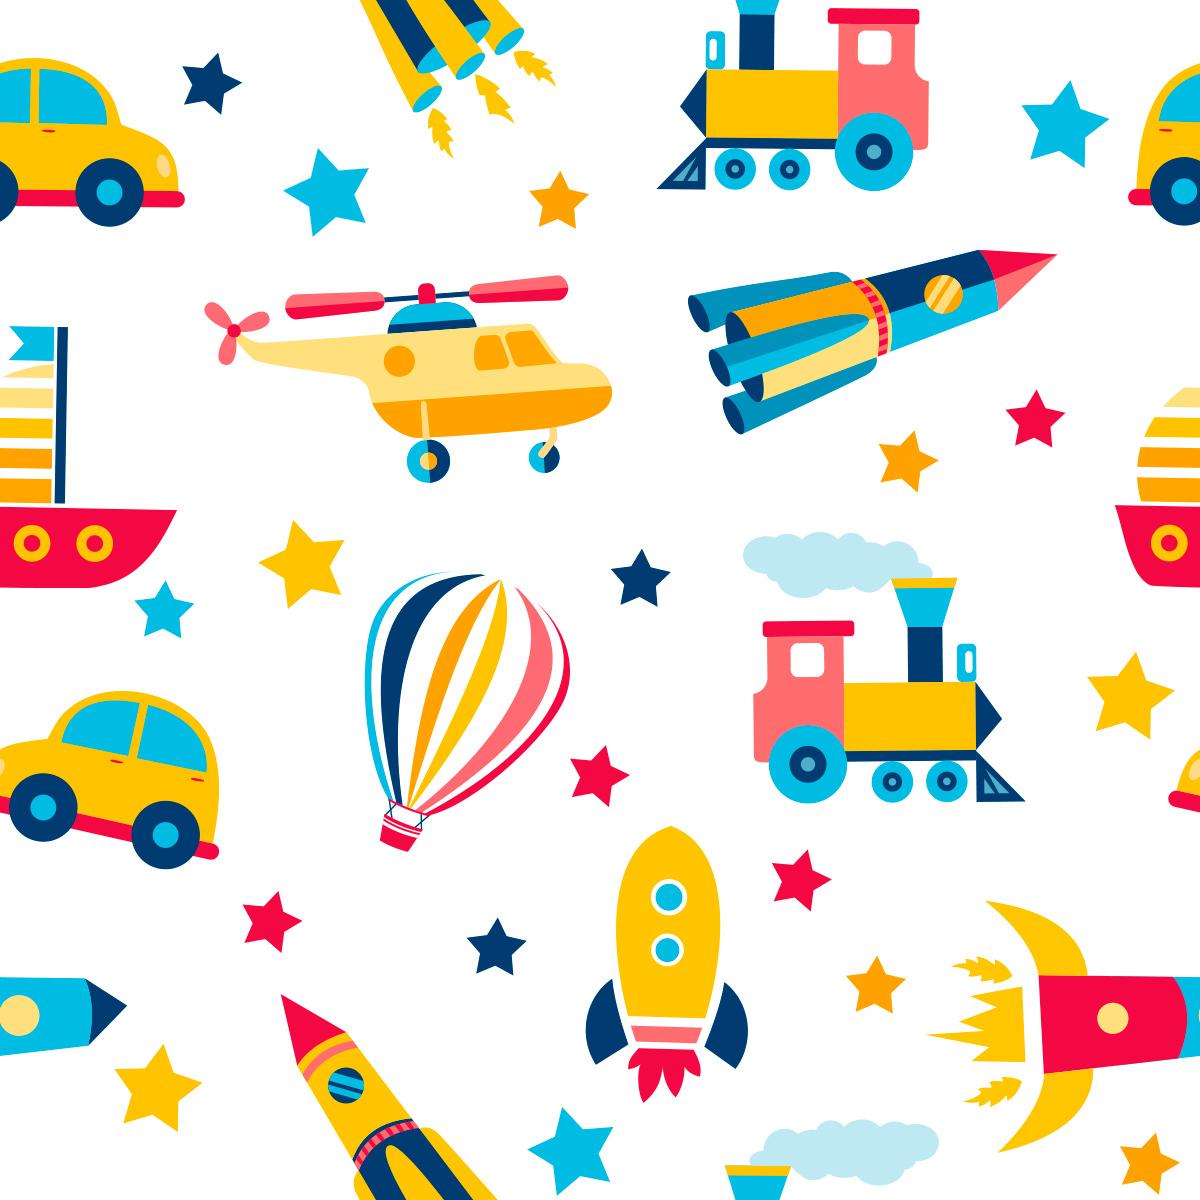 Papel de Parede Brinquedos Bebê Balão Foguetes Estrelas Adesivo